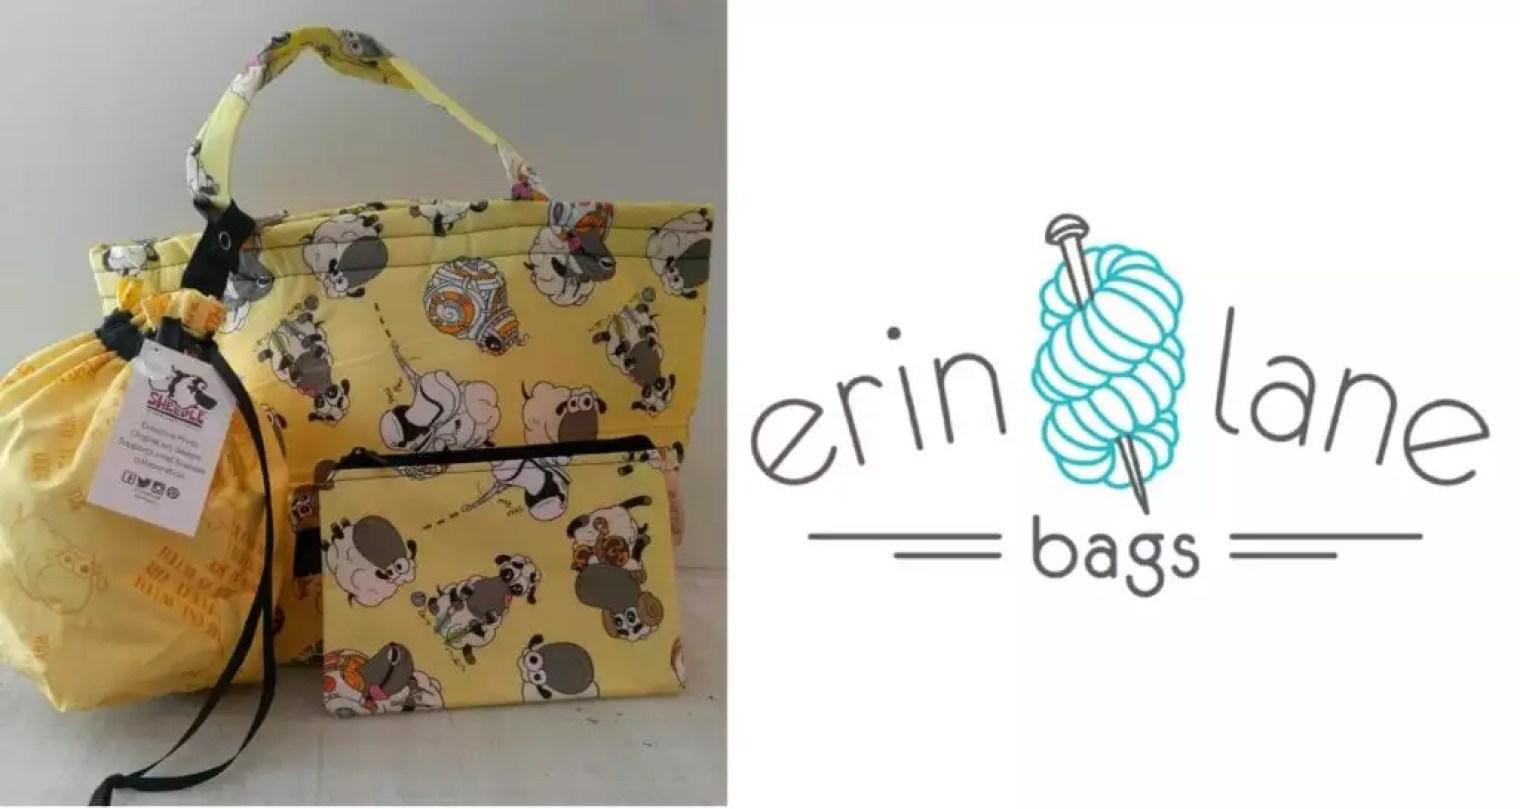 Erin Lane Bags